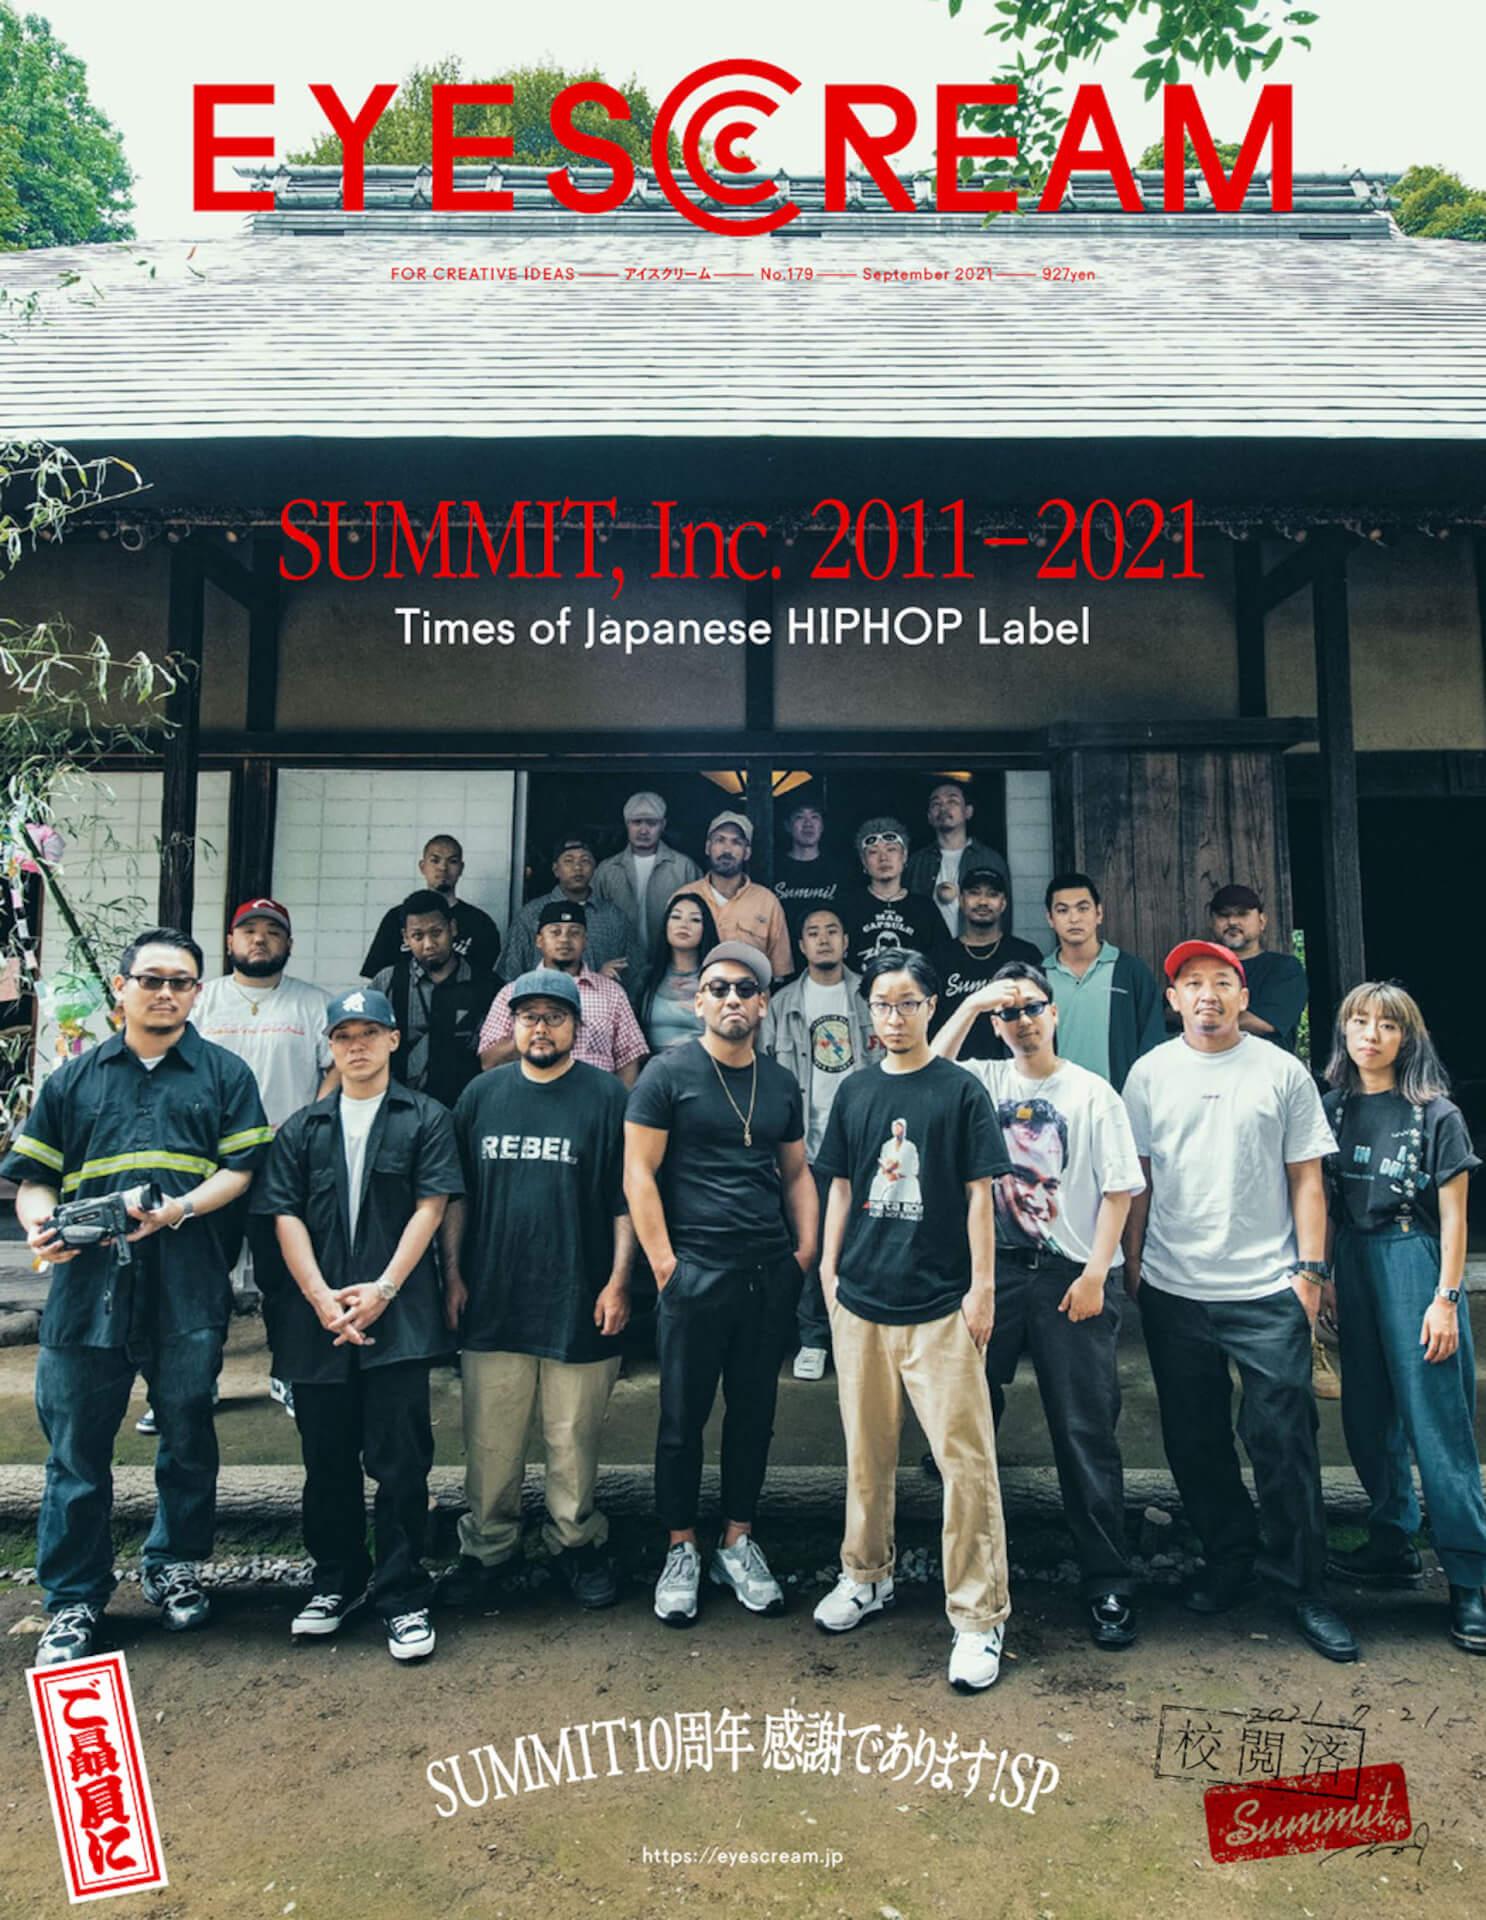 8月発売の『EYESCREAM』はSUMMIT10周年特集!PUNPEE、SIMI LAB、C.O.S.A.、BIM、in-dら揃う表紙が解禁 music210716_eyescream_summit_main